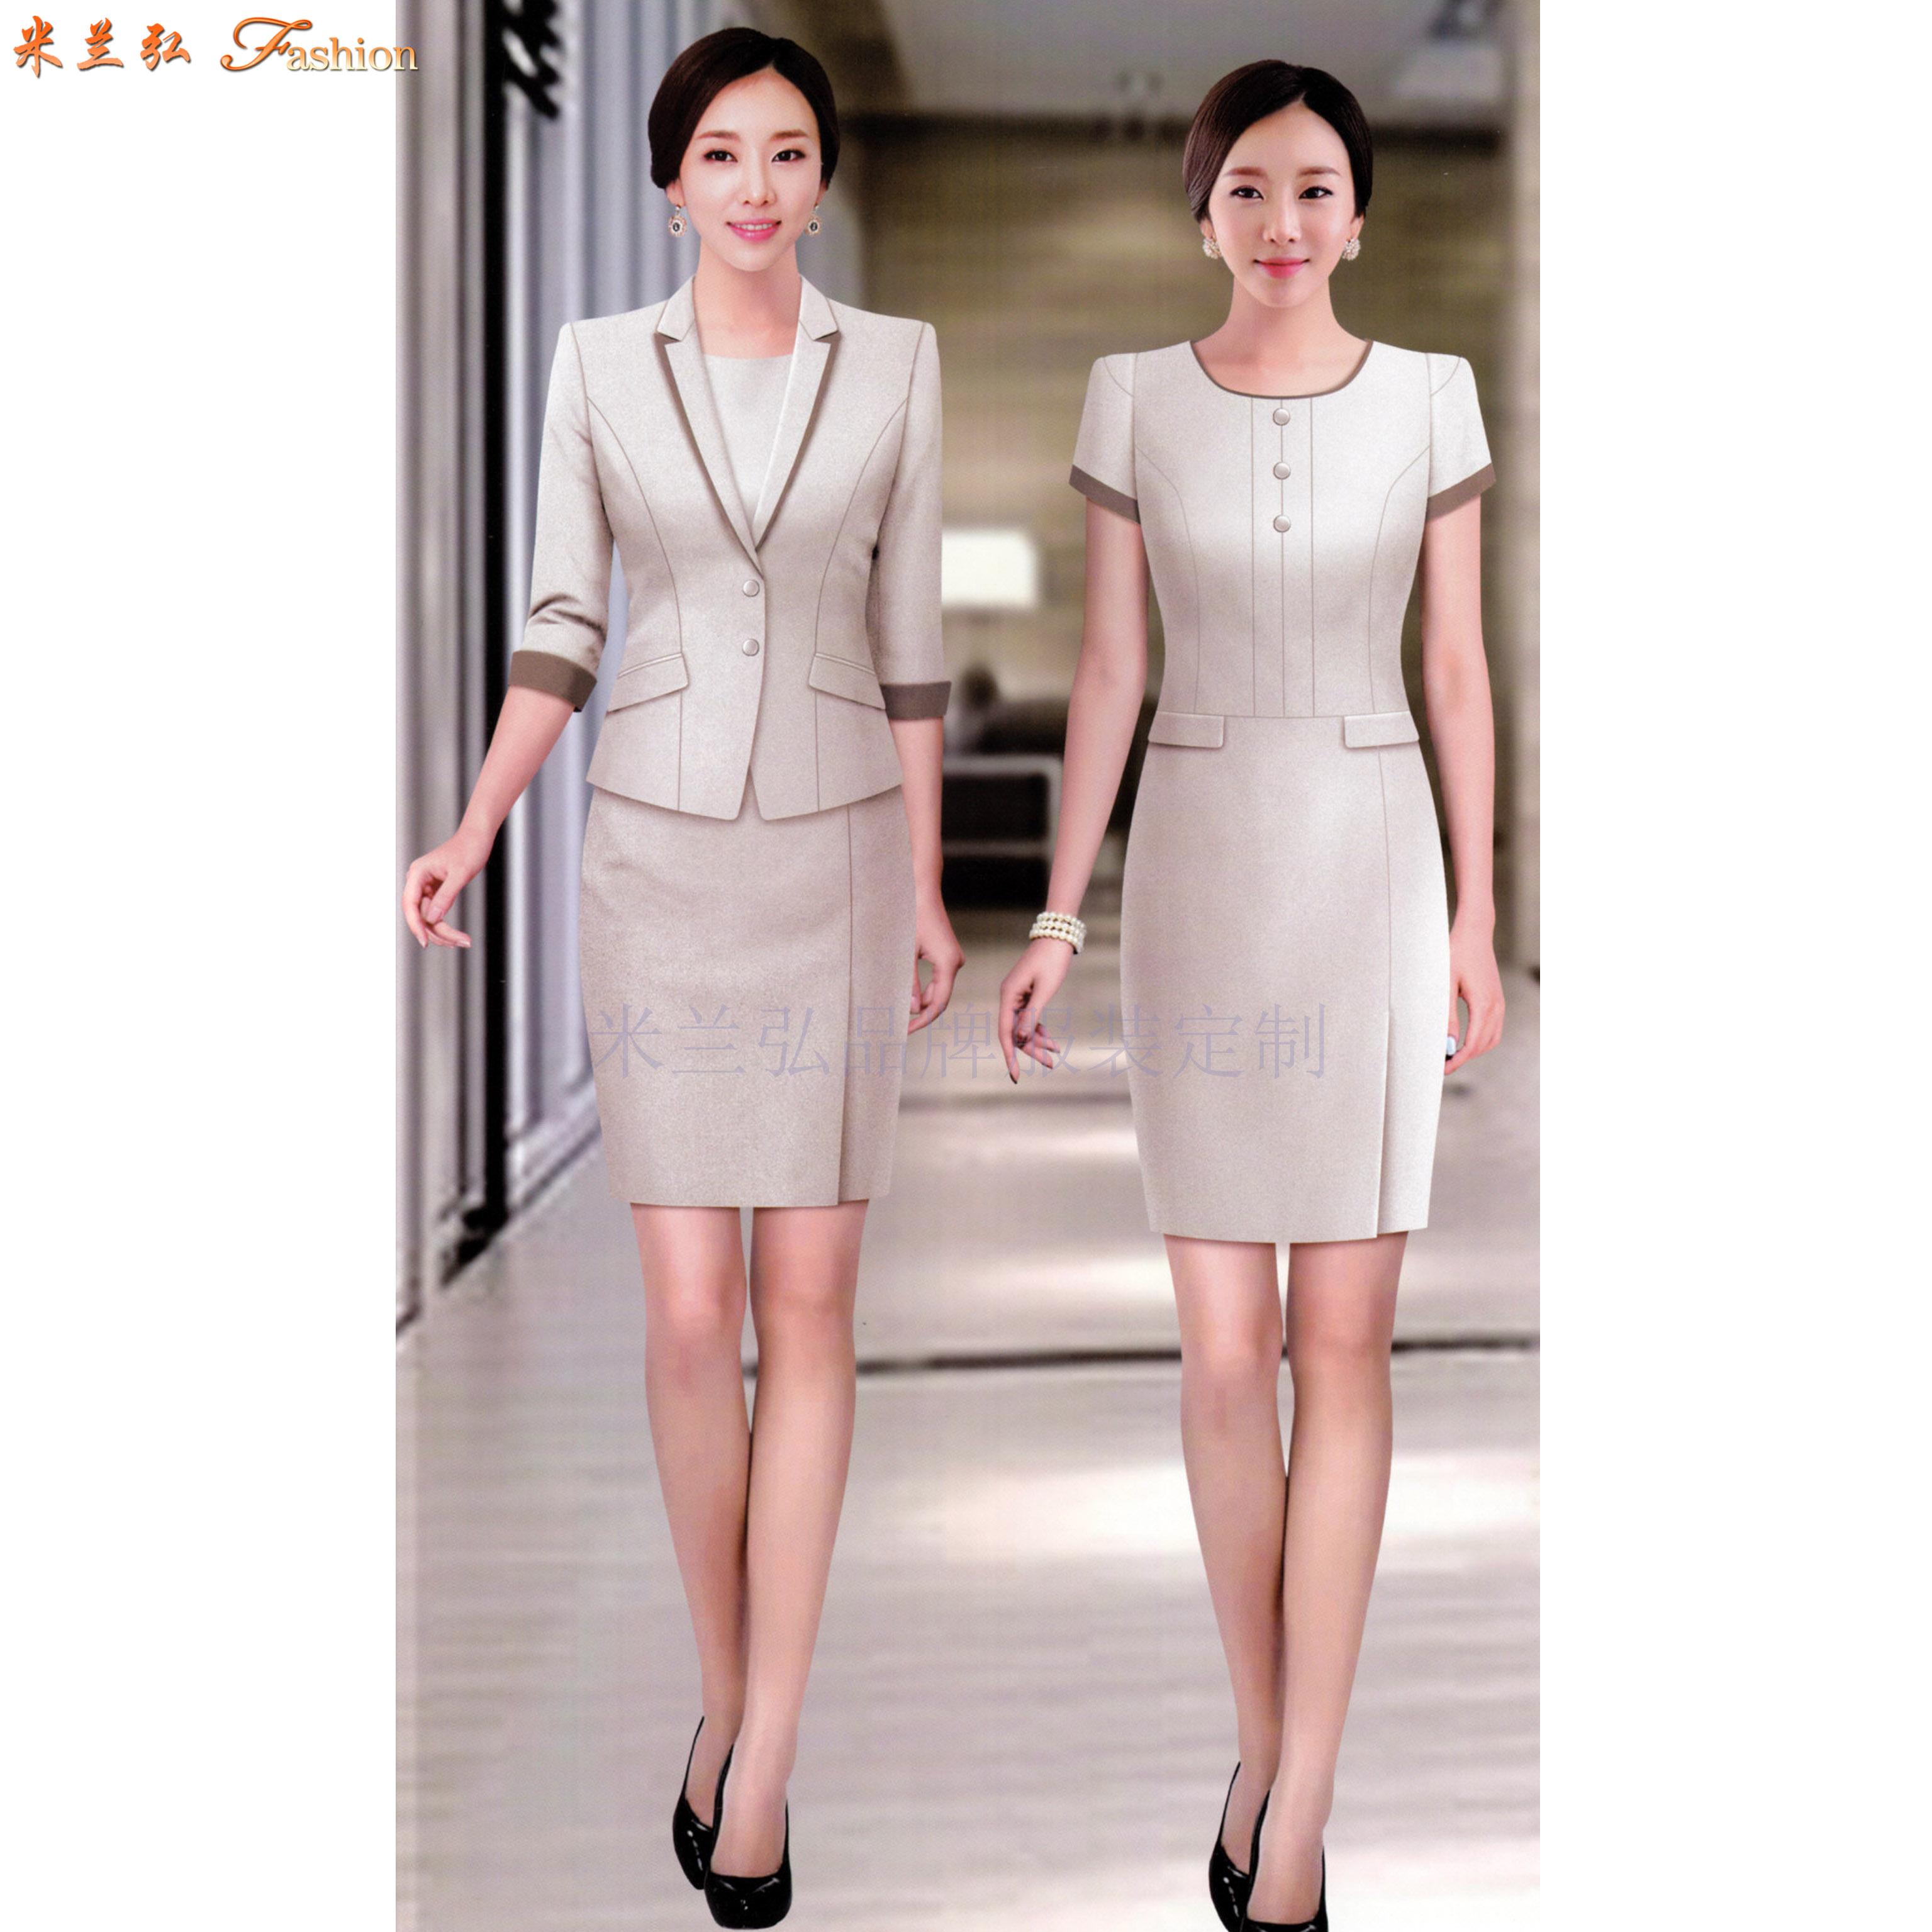 江西連衣裙定制-職業連衣裙訂做價錢-米蘭弘服裝-5